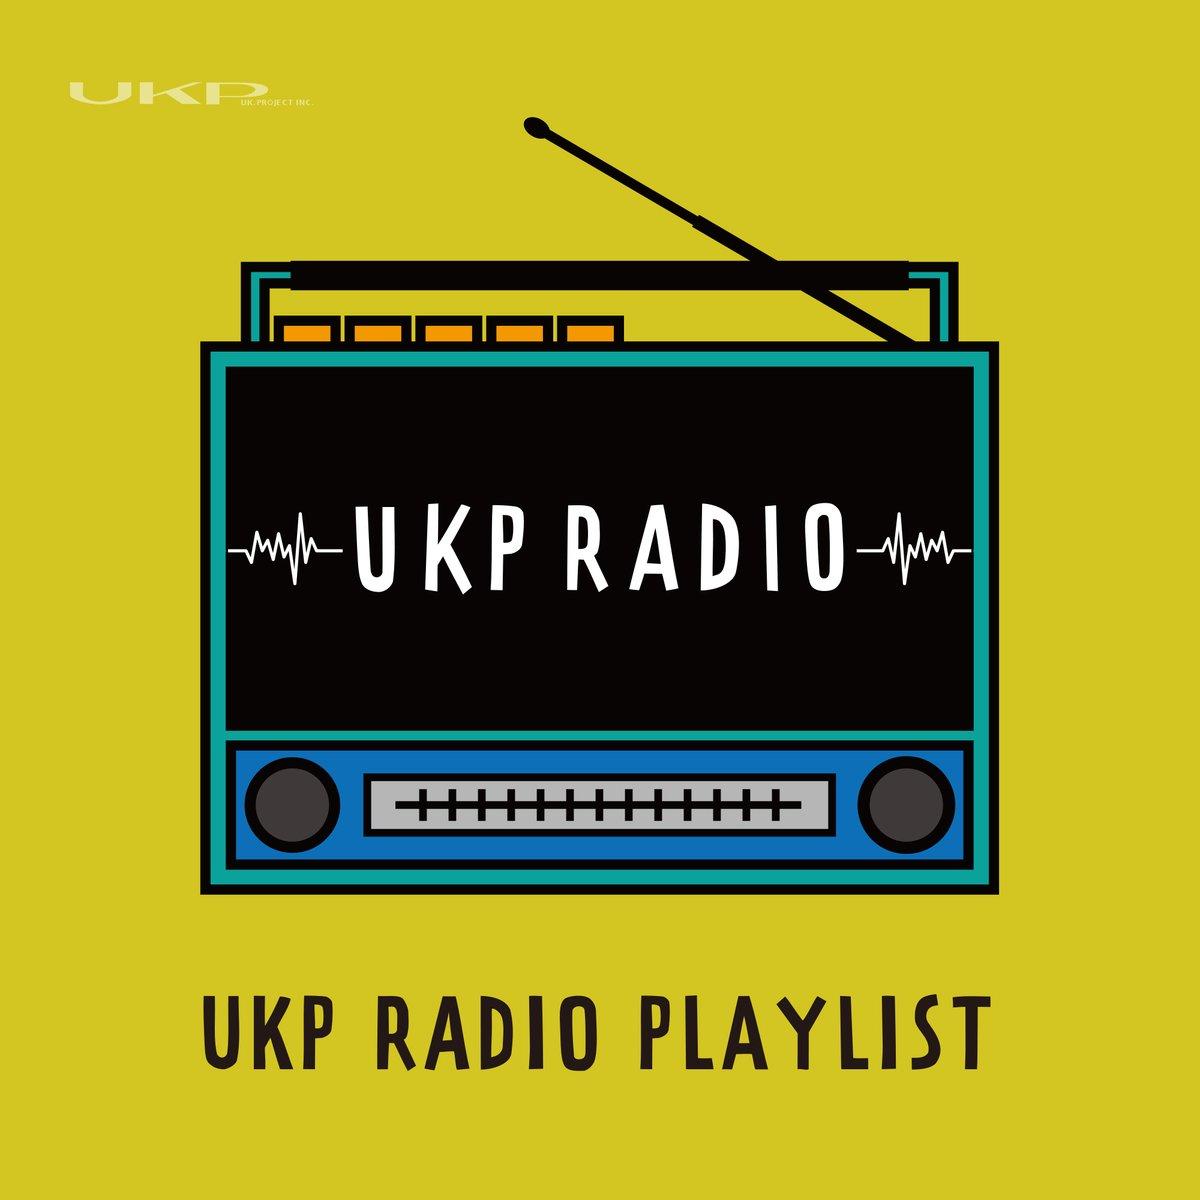 \🎧Spotifyプレイリスト🎧/  UKPラジオSpotify(@SpotifyJP )プレイリストも更新🌟!  今回は… TOTALFAT Age Factory BIGMAMA NOFX!  このプレイリストでは番組は勿論 番組で話題に登場したアーティストの楽曲も Podcastと一緒に楽しめるのでおすすめです🔥  ⏯  #UKPラジオ